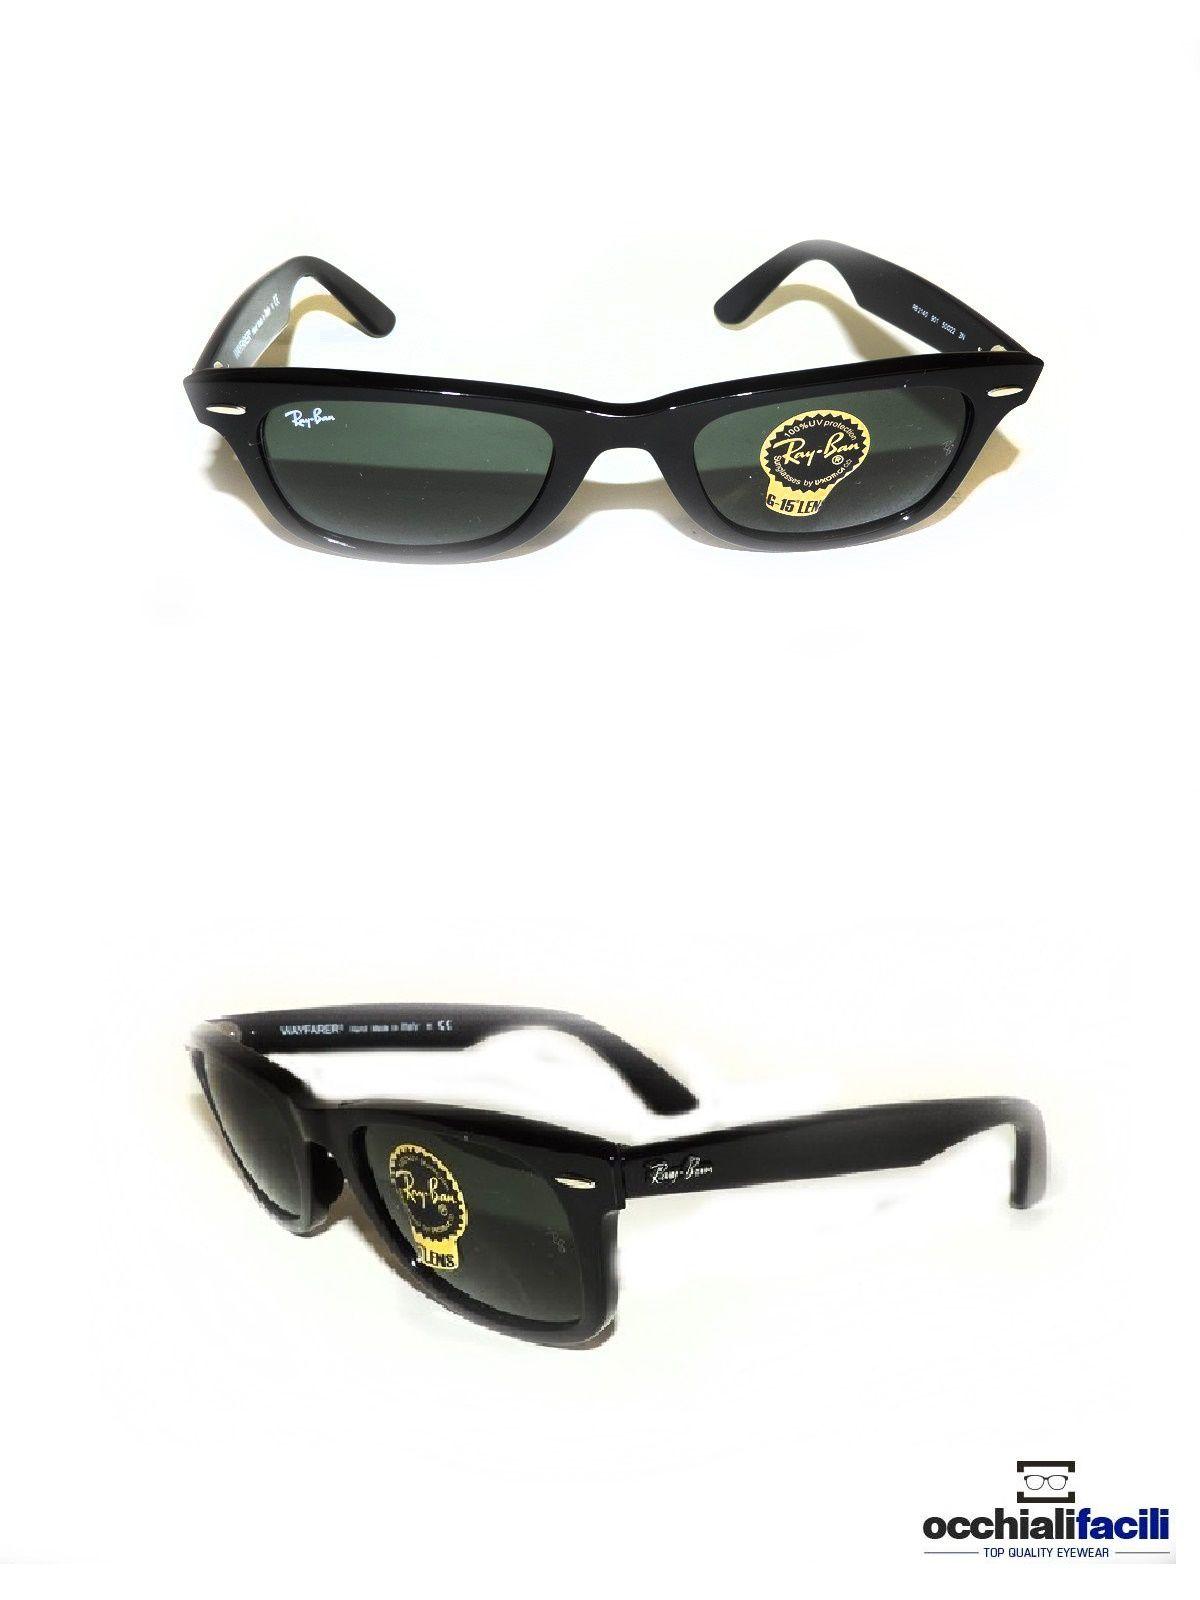 Pin di murgiashop su sunglasses ray ban glasses ray ban sunglasses e sunglasses - Occhiali specchiati ray ban ...